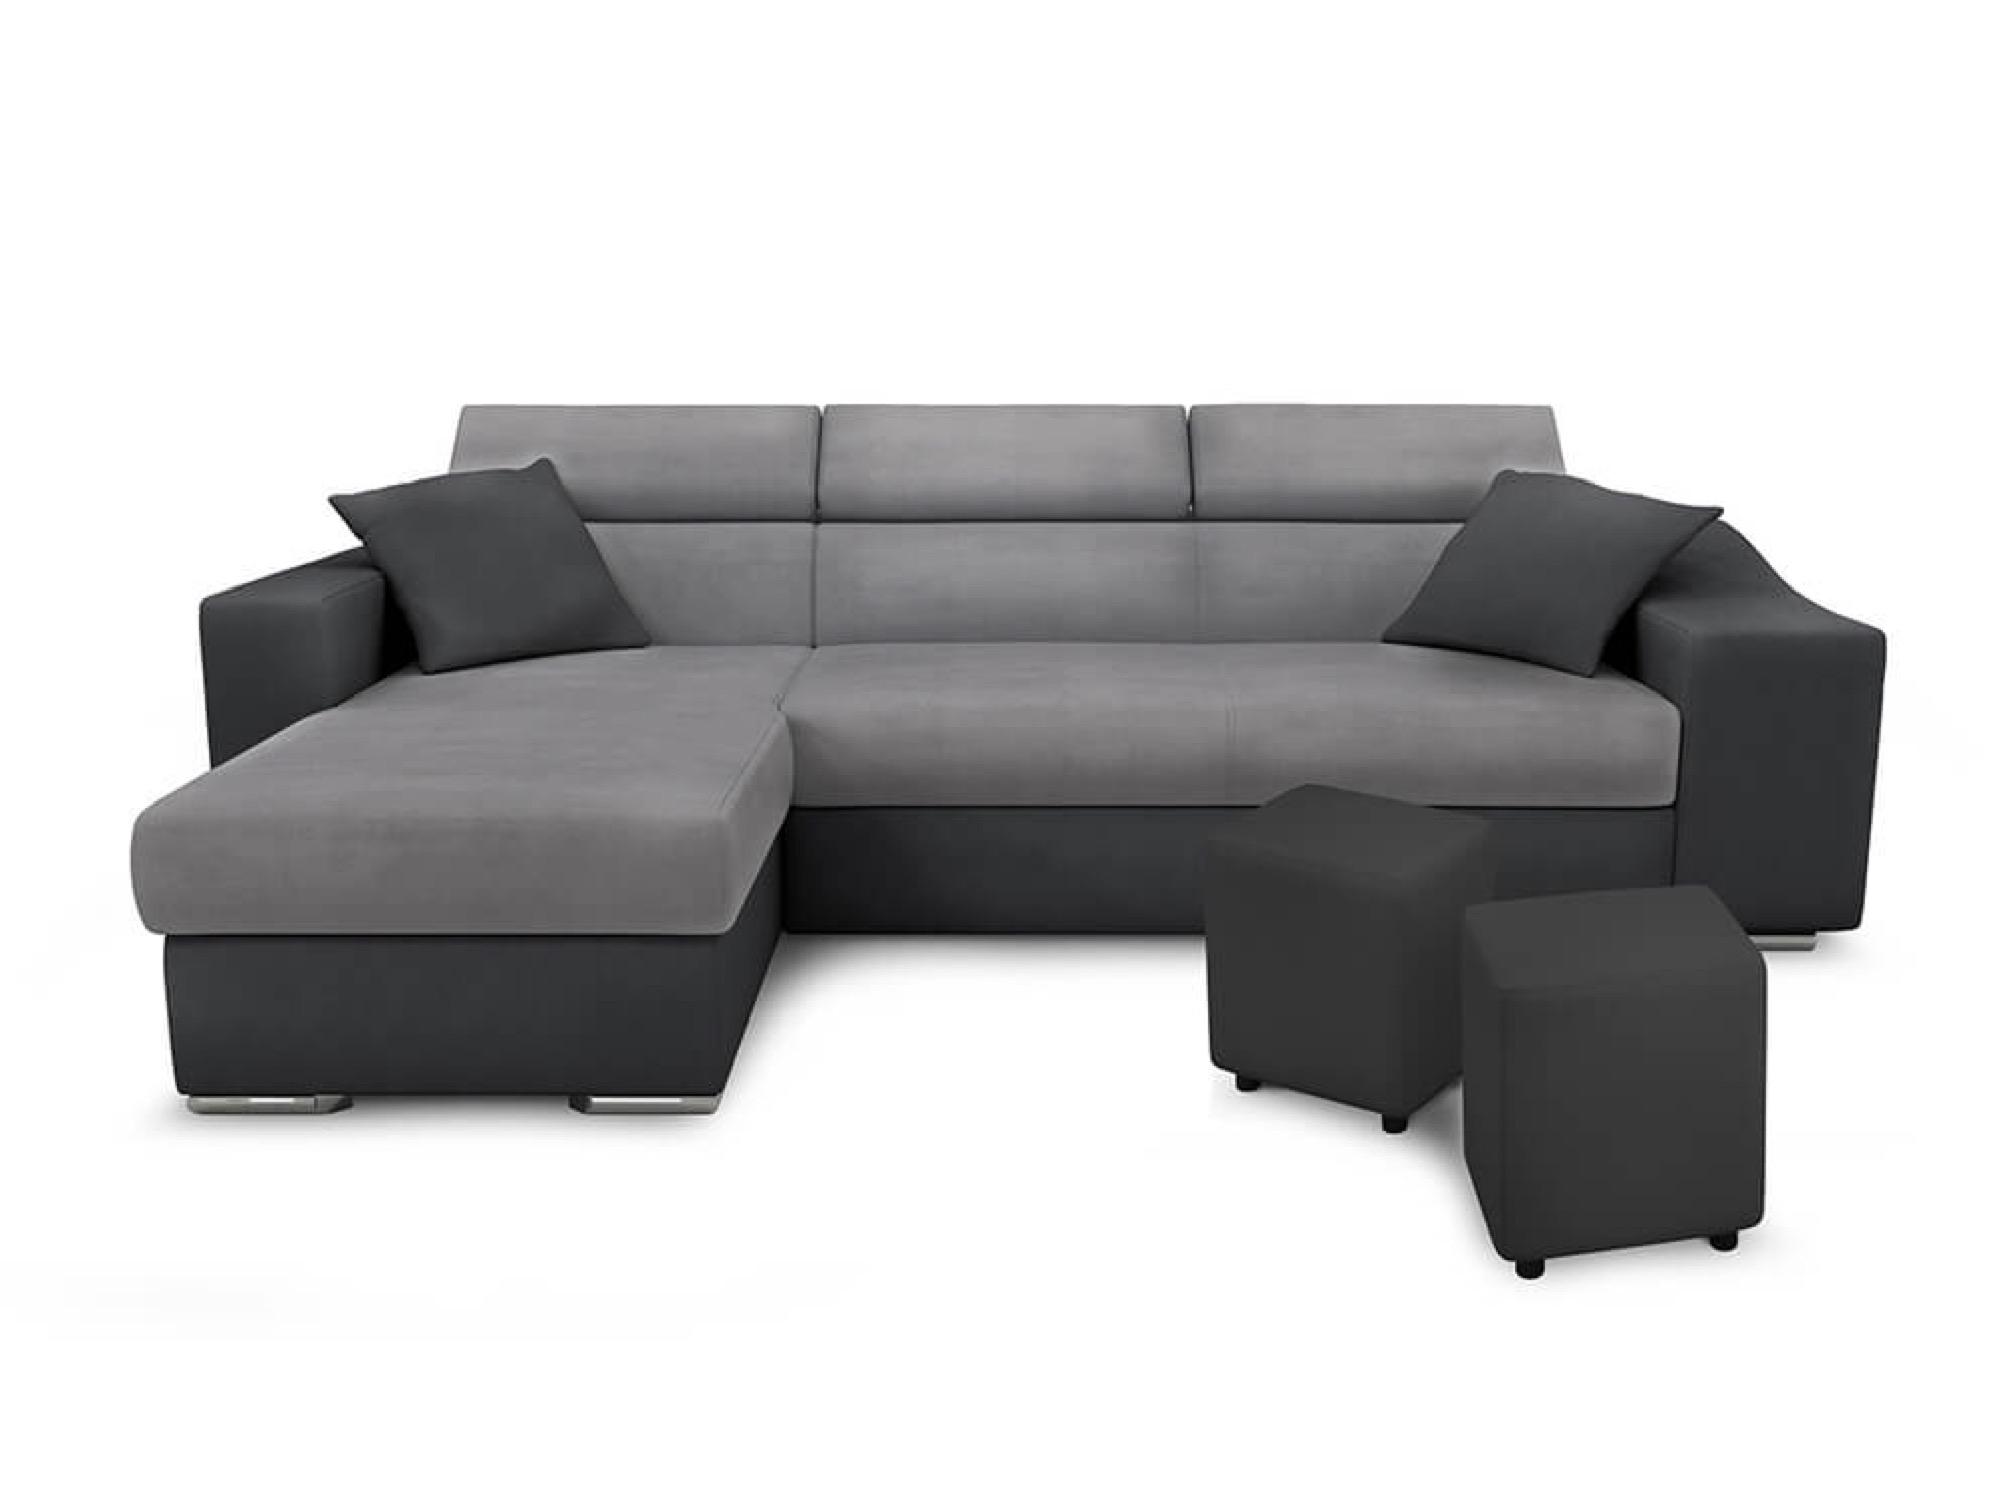 Canapé d'angle 4 places Gris Simili Moderne Confort